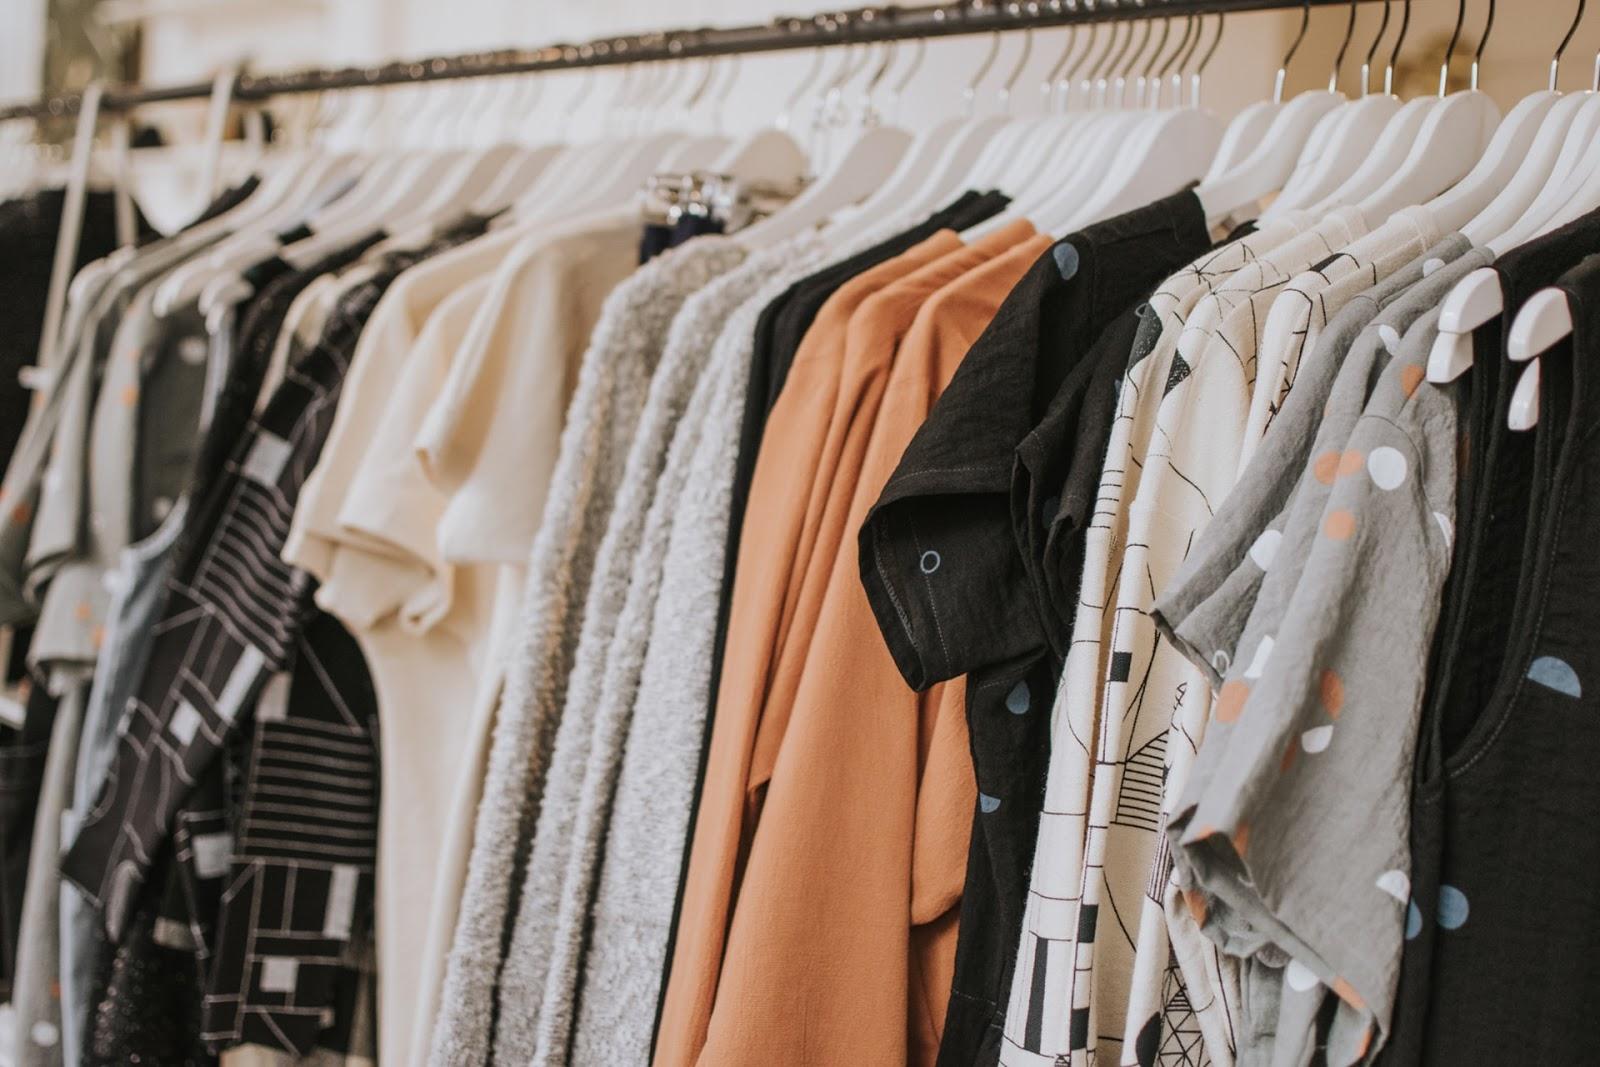 rack of stylish clothing